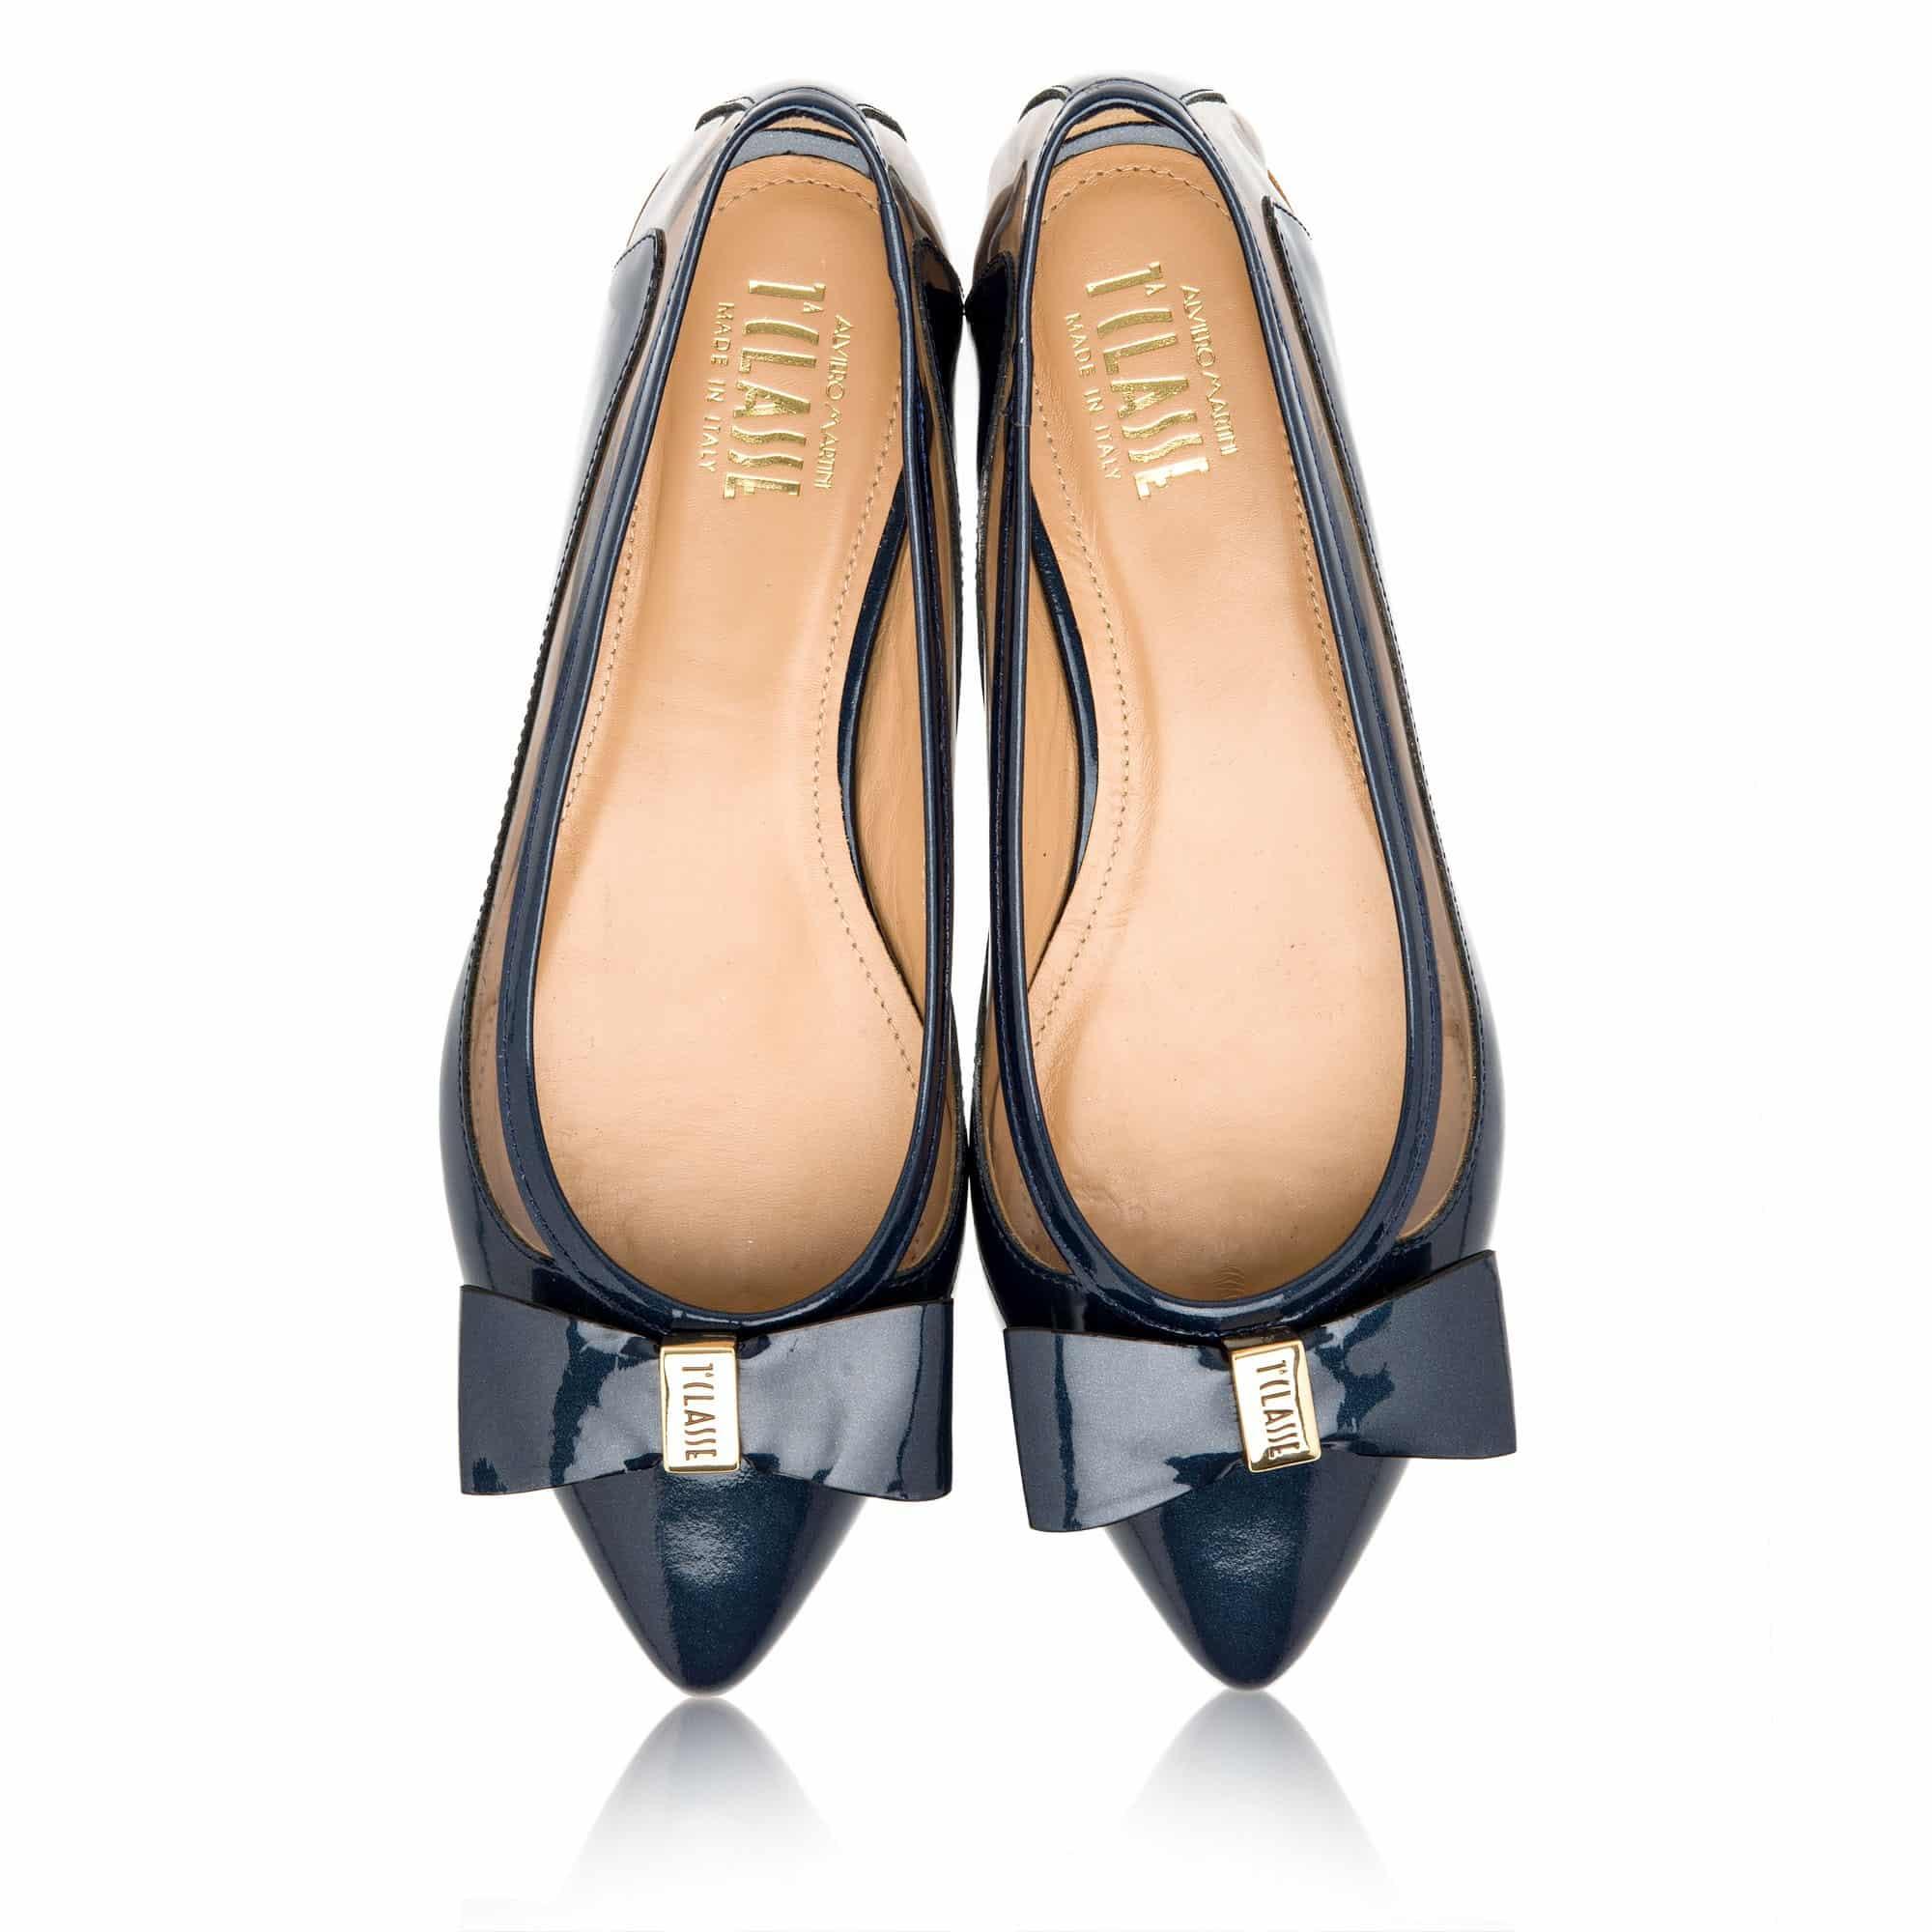 1A Classe Ballerina a punta fiocco blu navy 155.00 euro